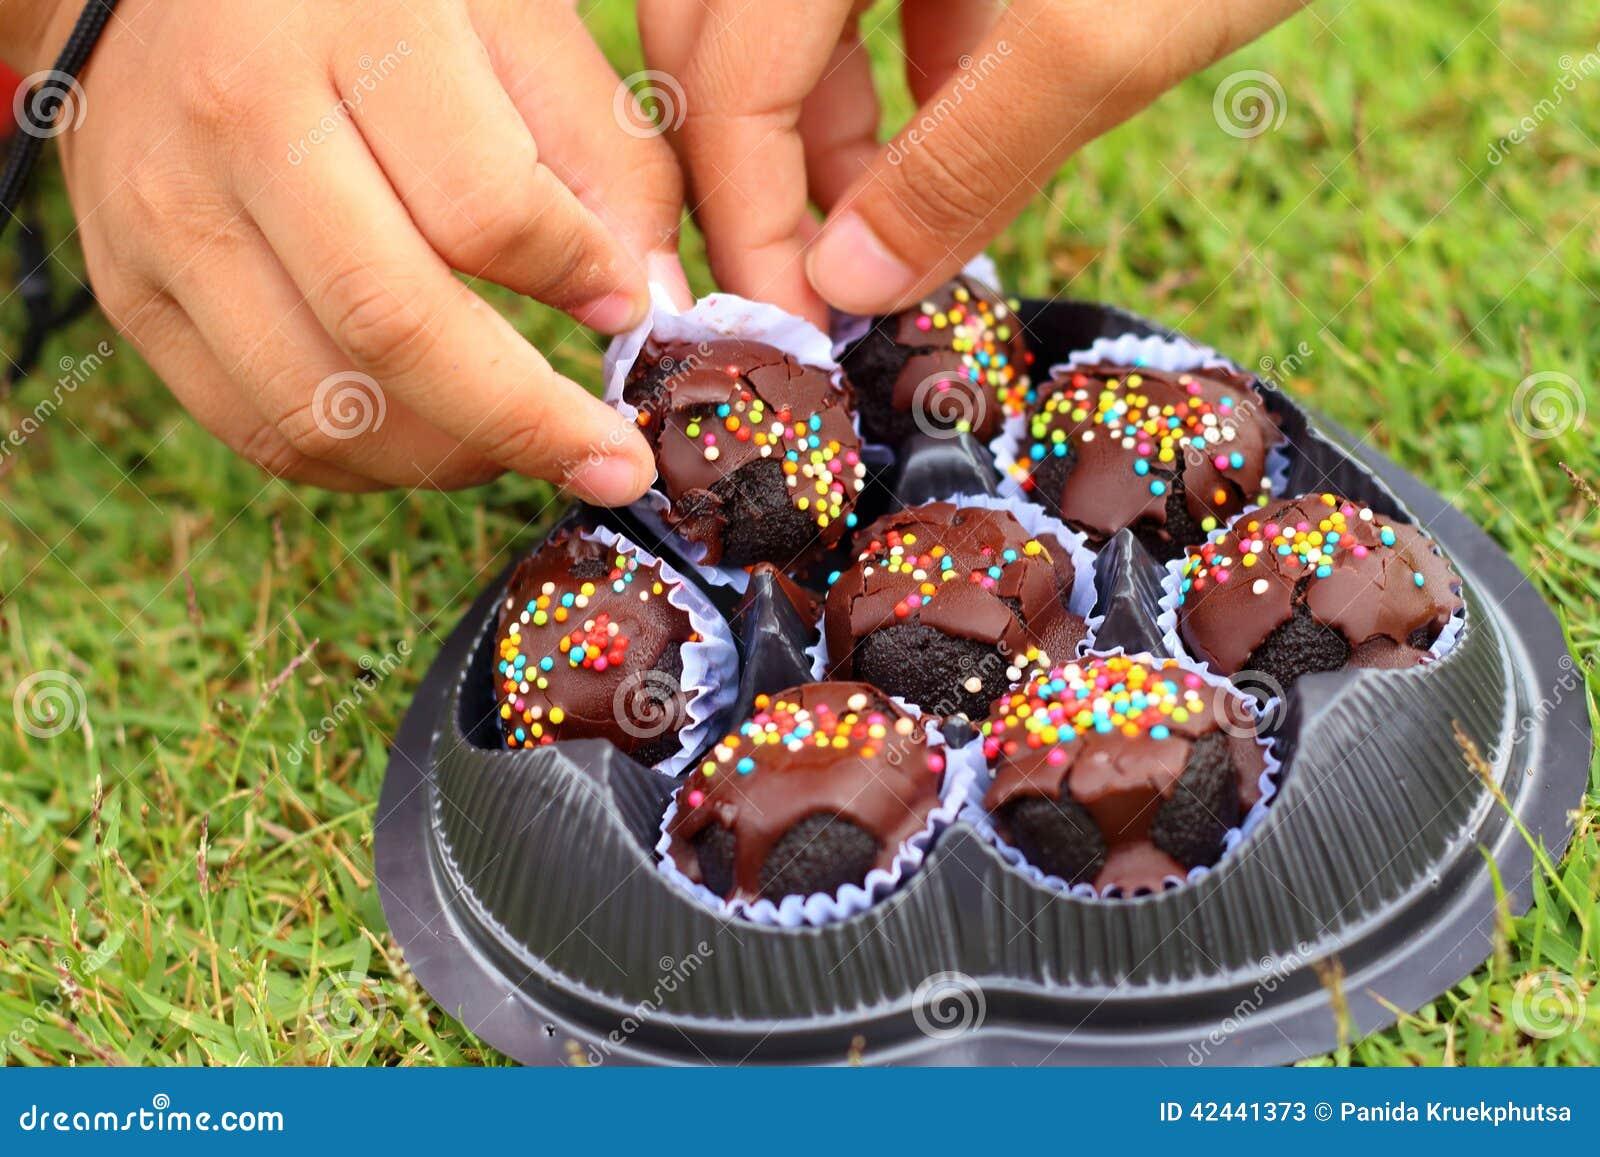 Los niños son dulces admitidos de la mano a comer